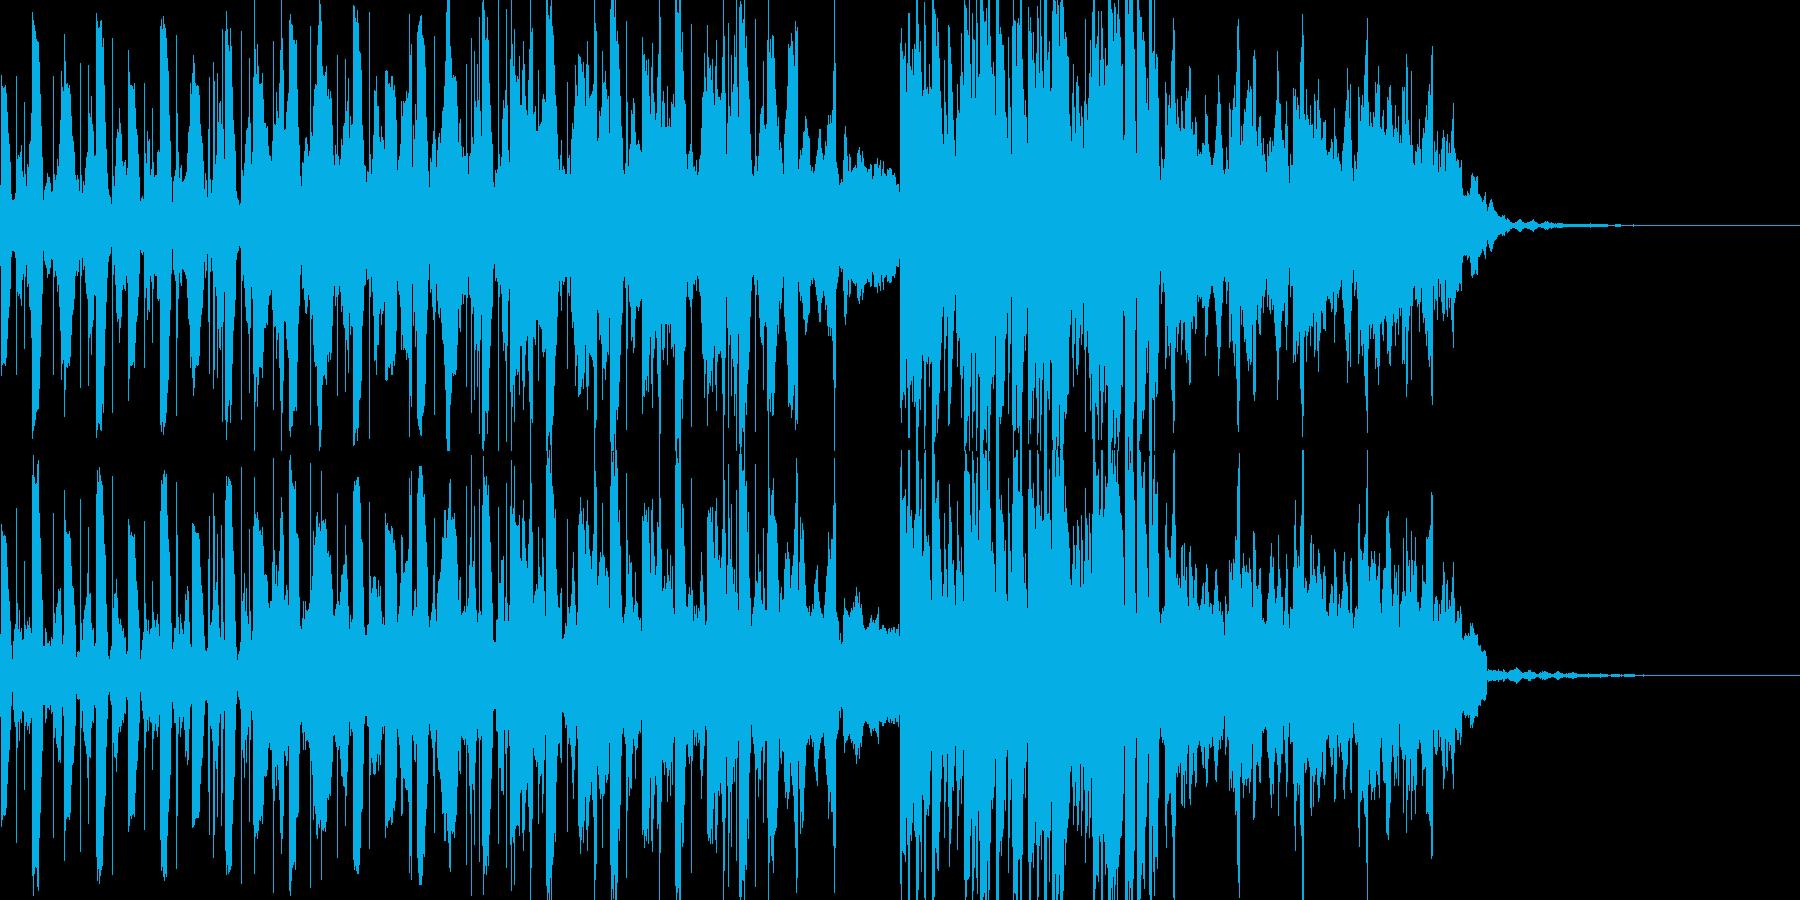 無機質な映像に合うテクノの再生済みの波形